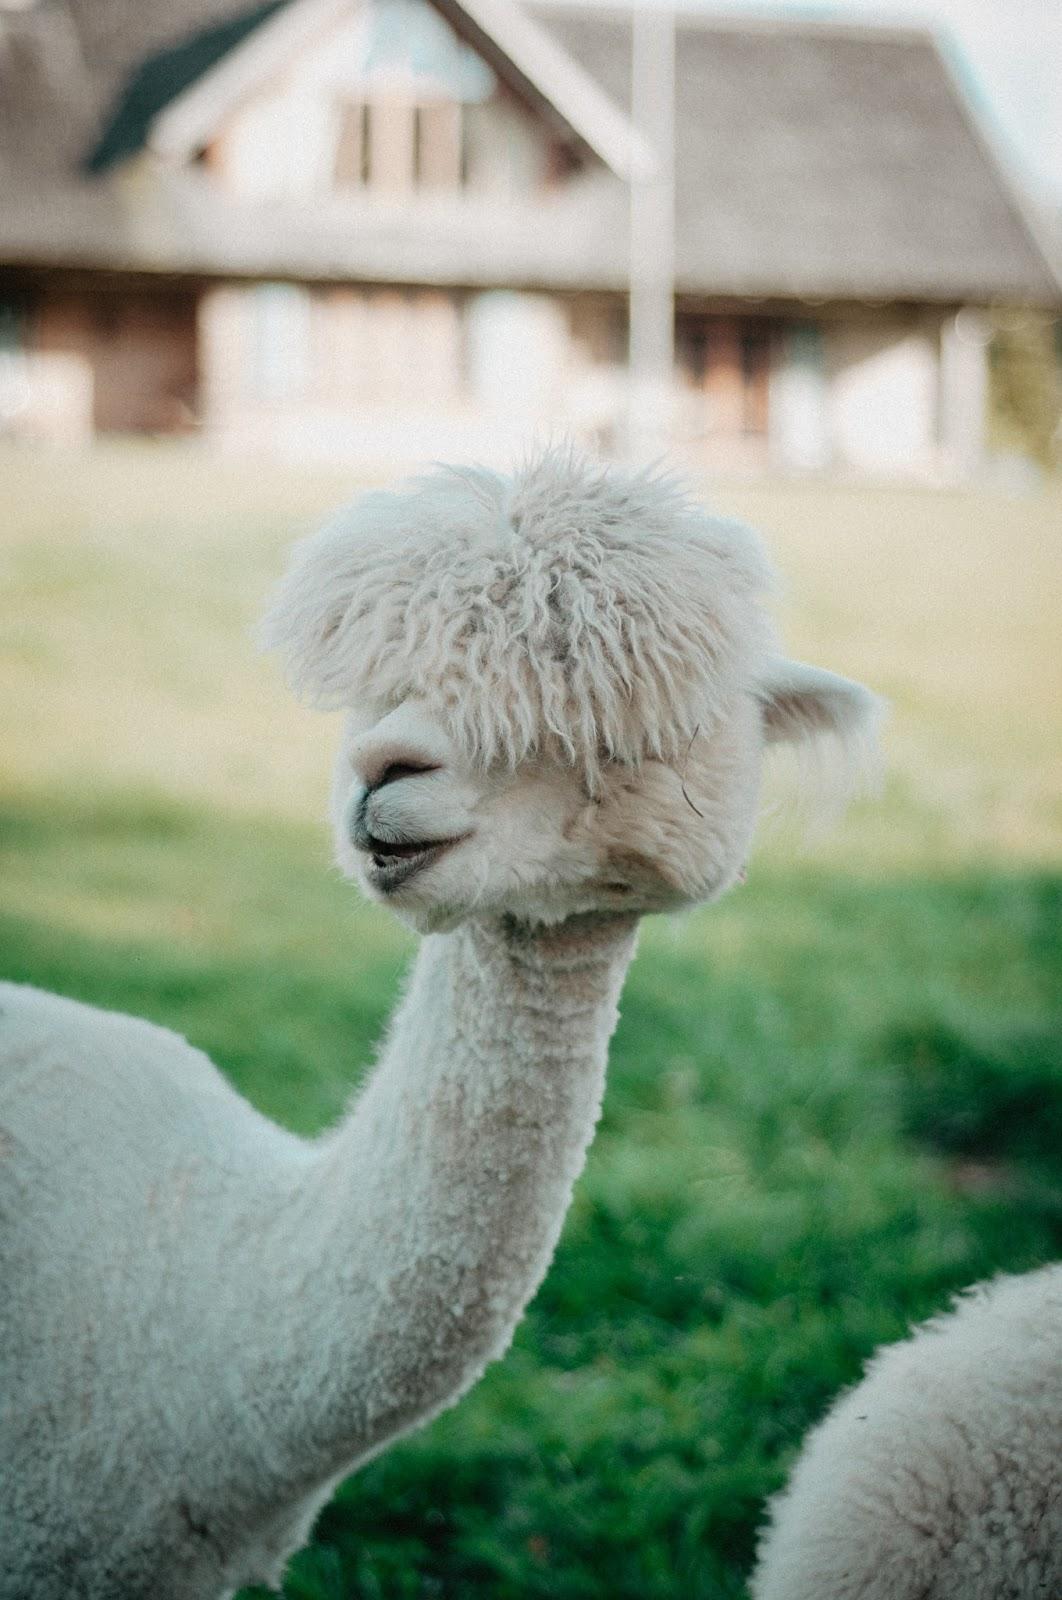 alpakos, trakų alpakos, alpakos trakuose, alpakų vilna, lamos, lamos lietuvoje, lamos trakuose, trakų lamos, ką veikti vilniuje, juoda plunksna, juoda plunksna blog, lietuvos blogerės, lietuvos tinklaraštininkės, lithuanian beauty blog, lithuanian bloggers, zoologijos sodas, ką veikti su vaikais, ką veikti